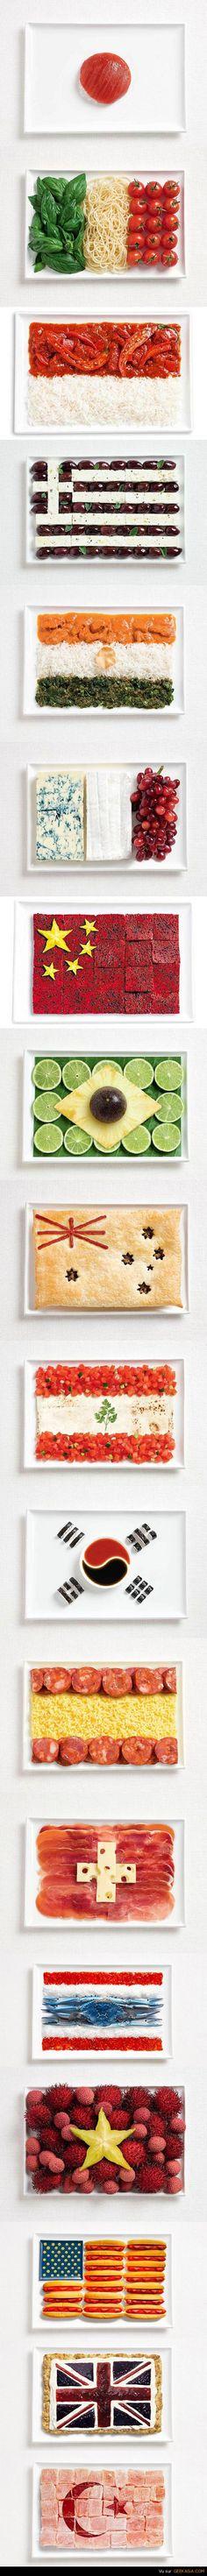 19 drapeaux réalisés avec de la nourriture I love it